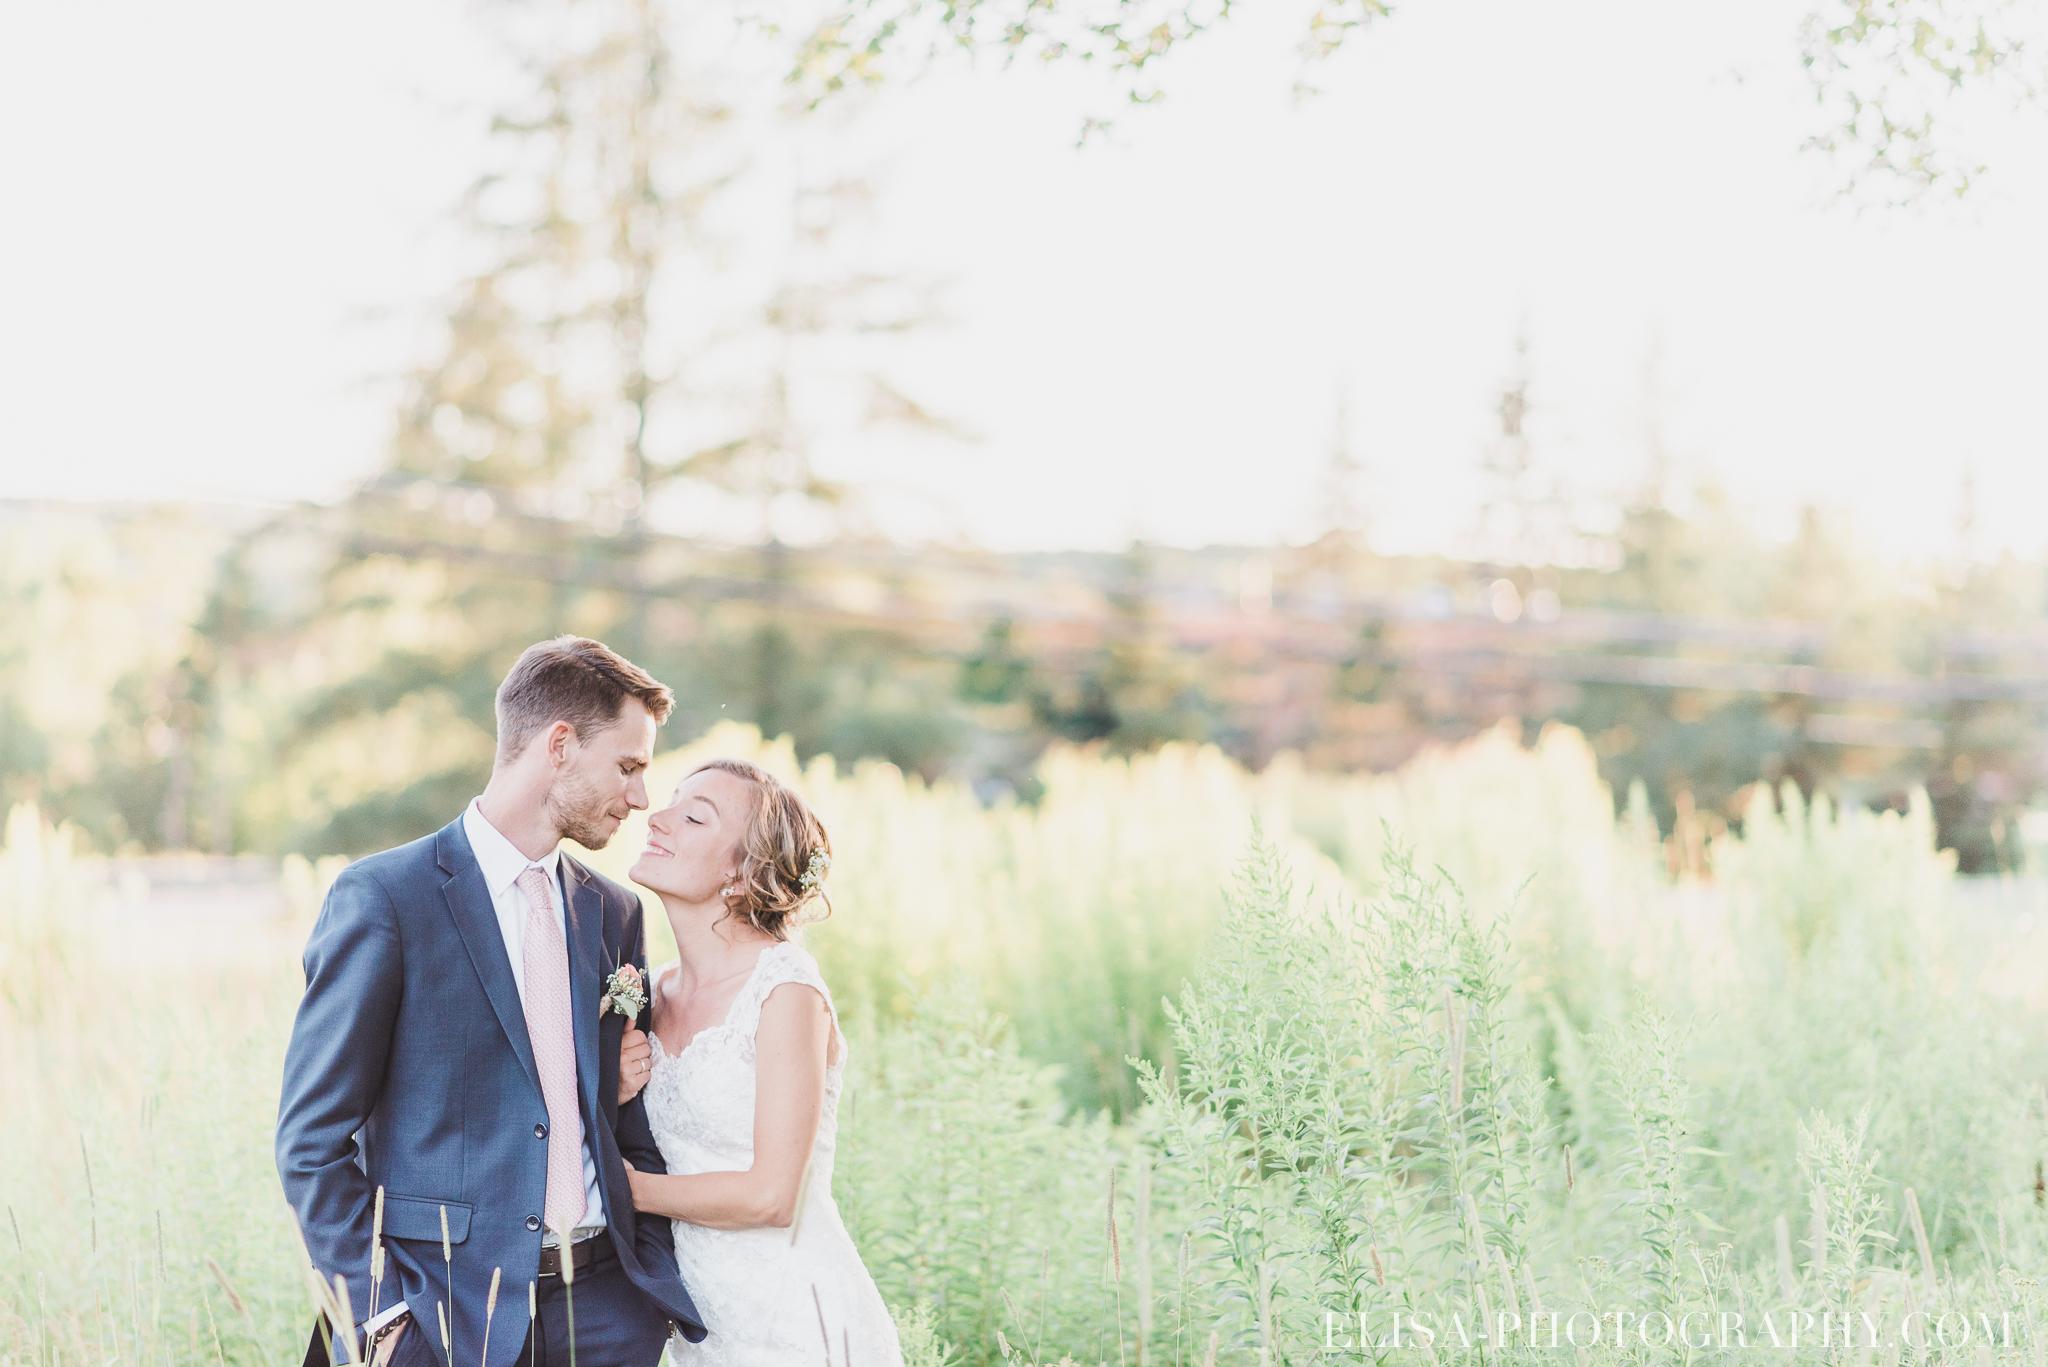 photo couple mariage champs station duchesnay ville de québec 5723 - Chronologie d'un mariage | Horaire idéal pour vos photos